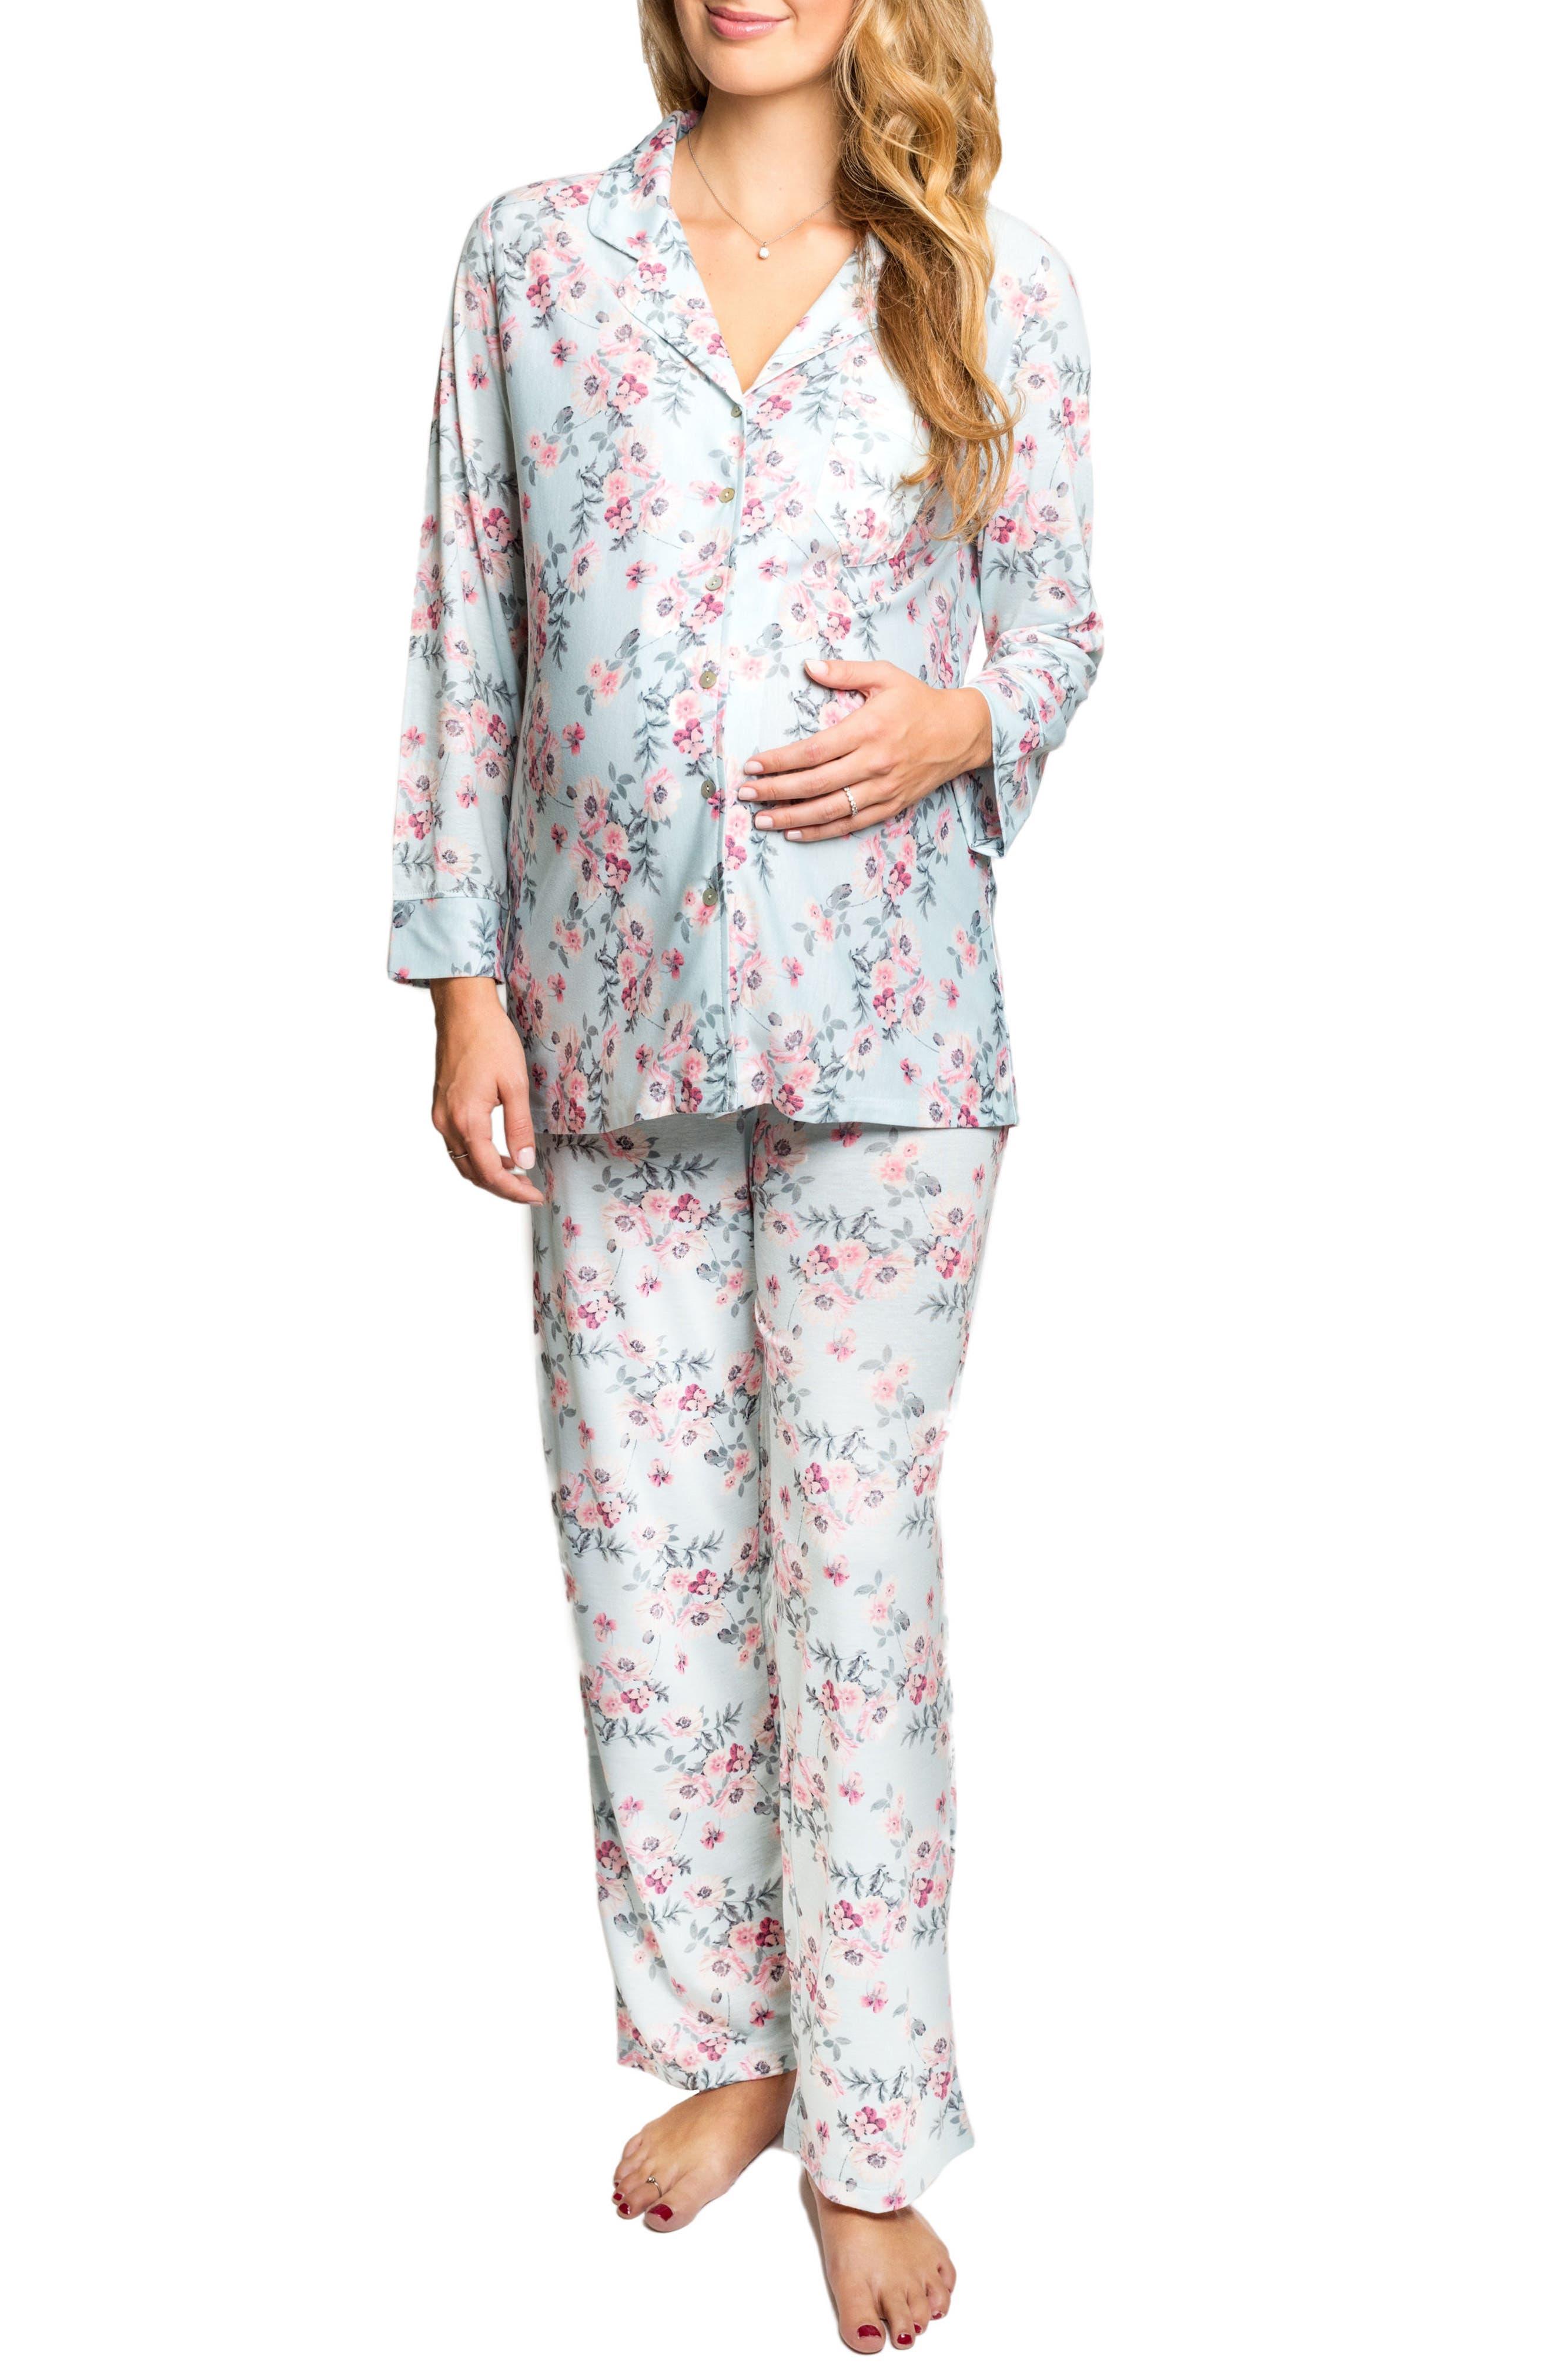 Everly Grey Helena Maternity/Nursing Pajamas